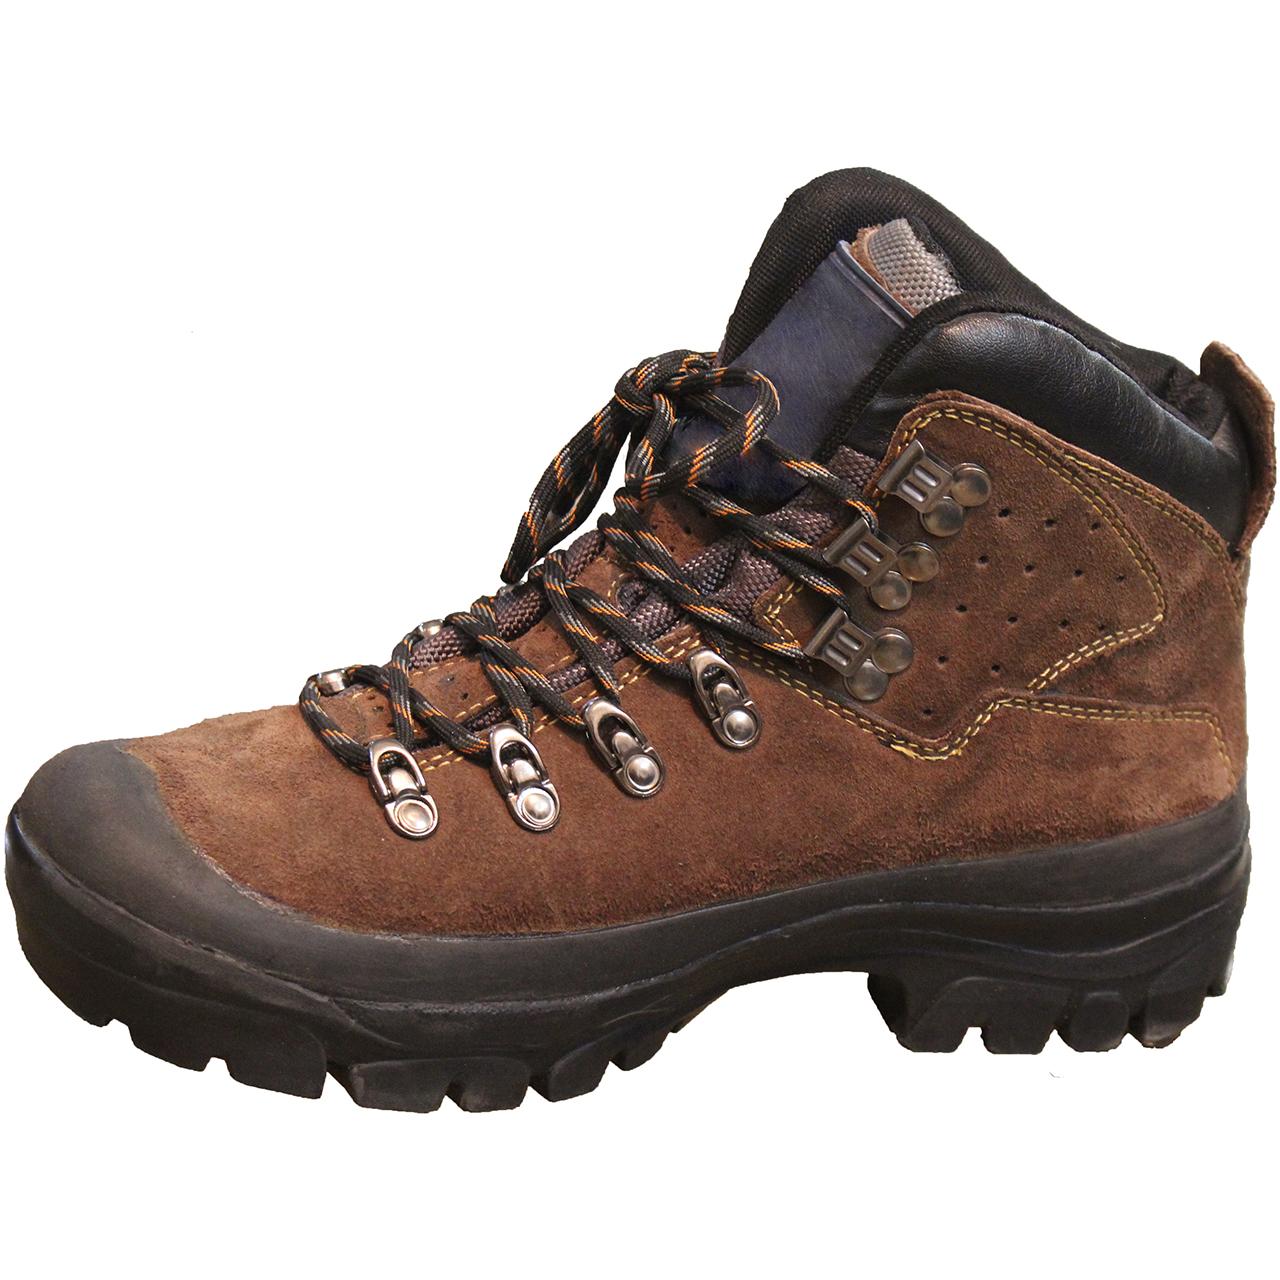 قیمت کفش کوهنوردی مردانه مدل maral